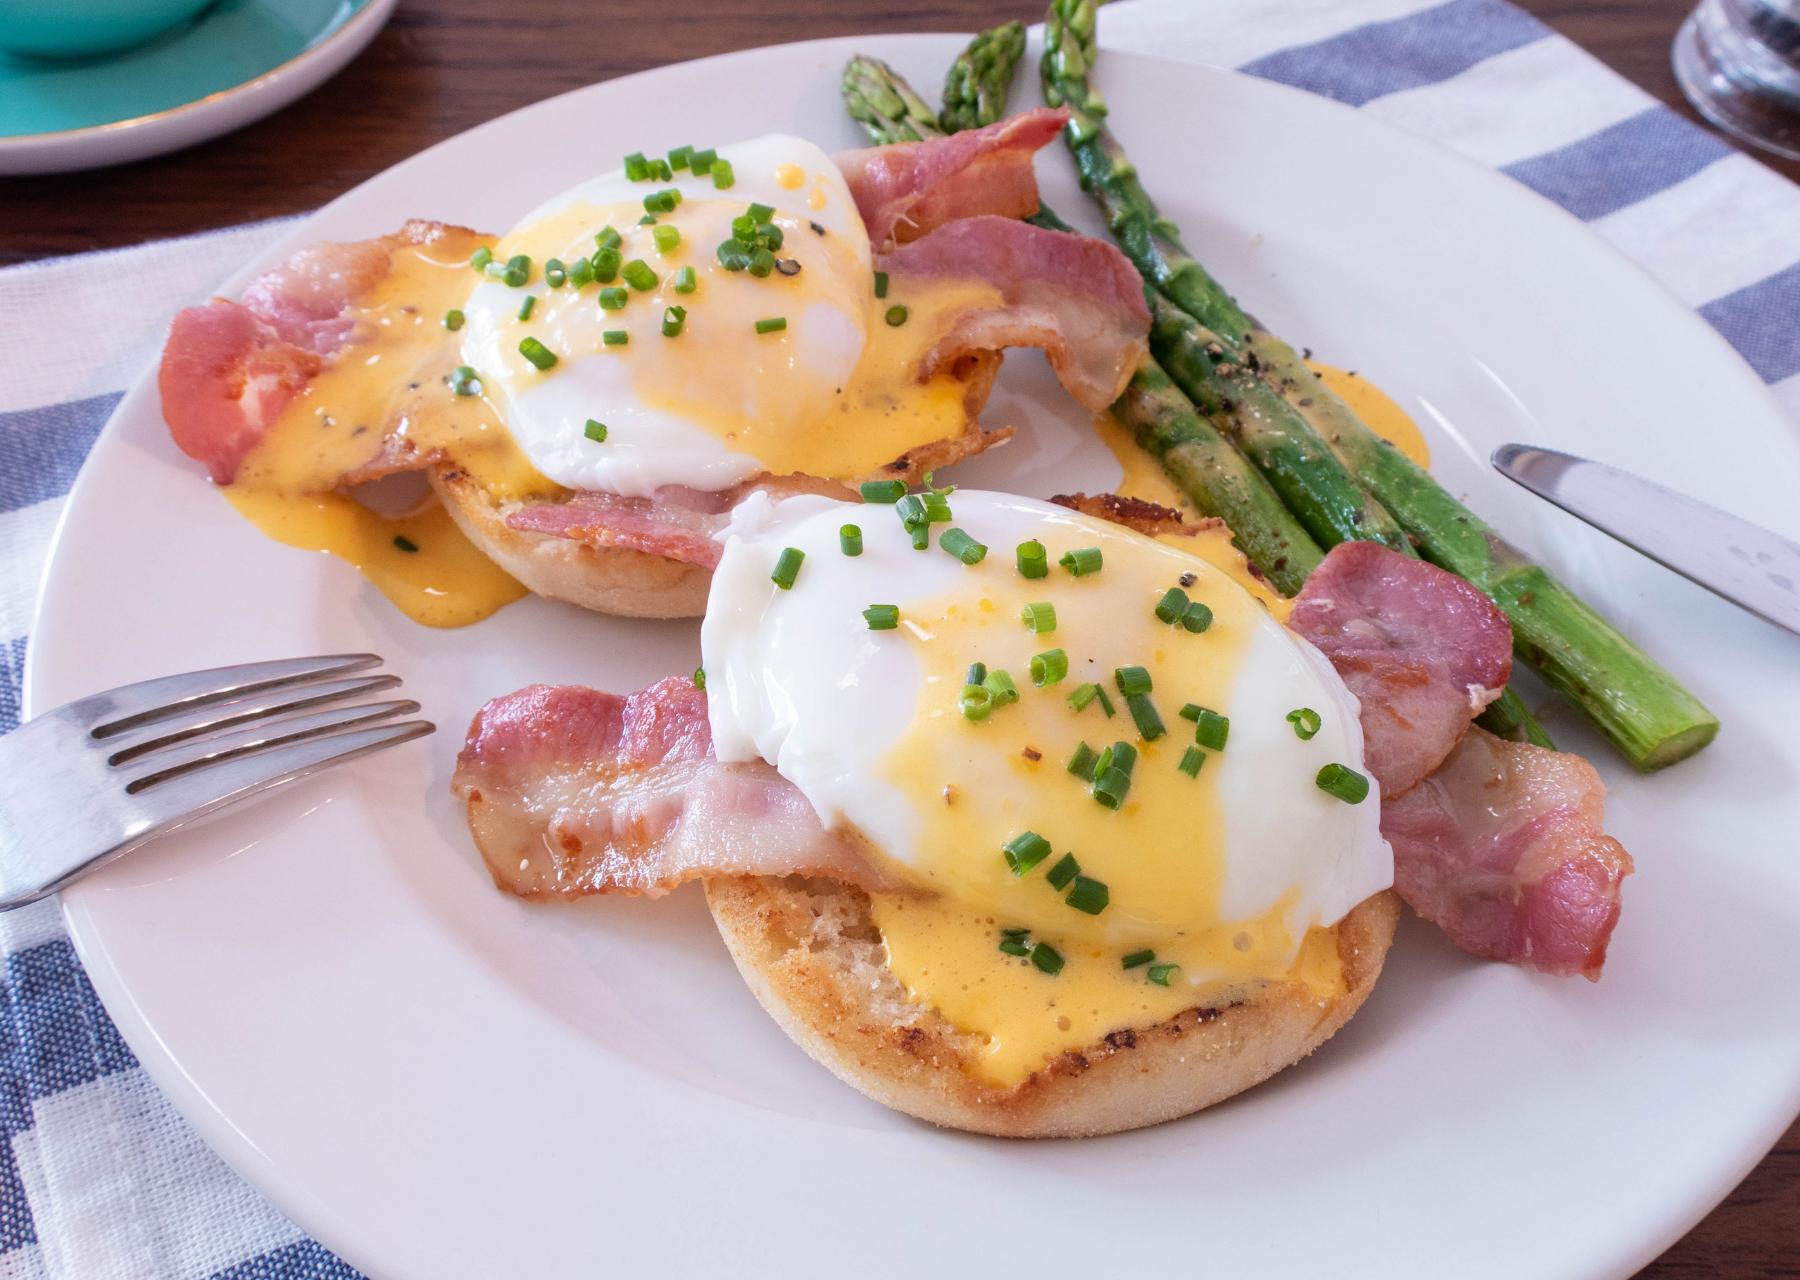 eggs Benedict breakfast recipe